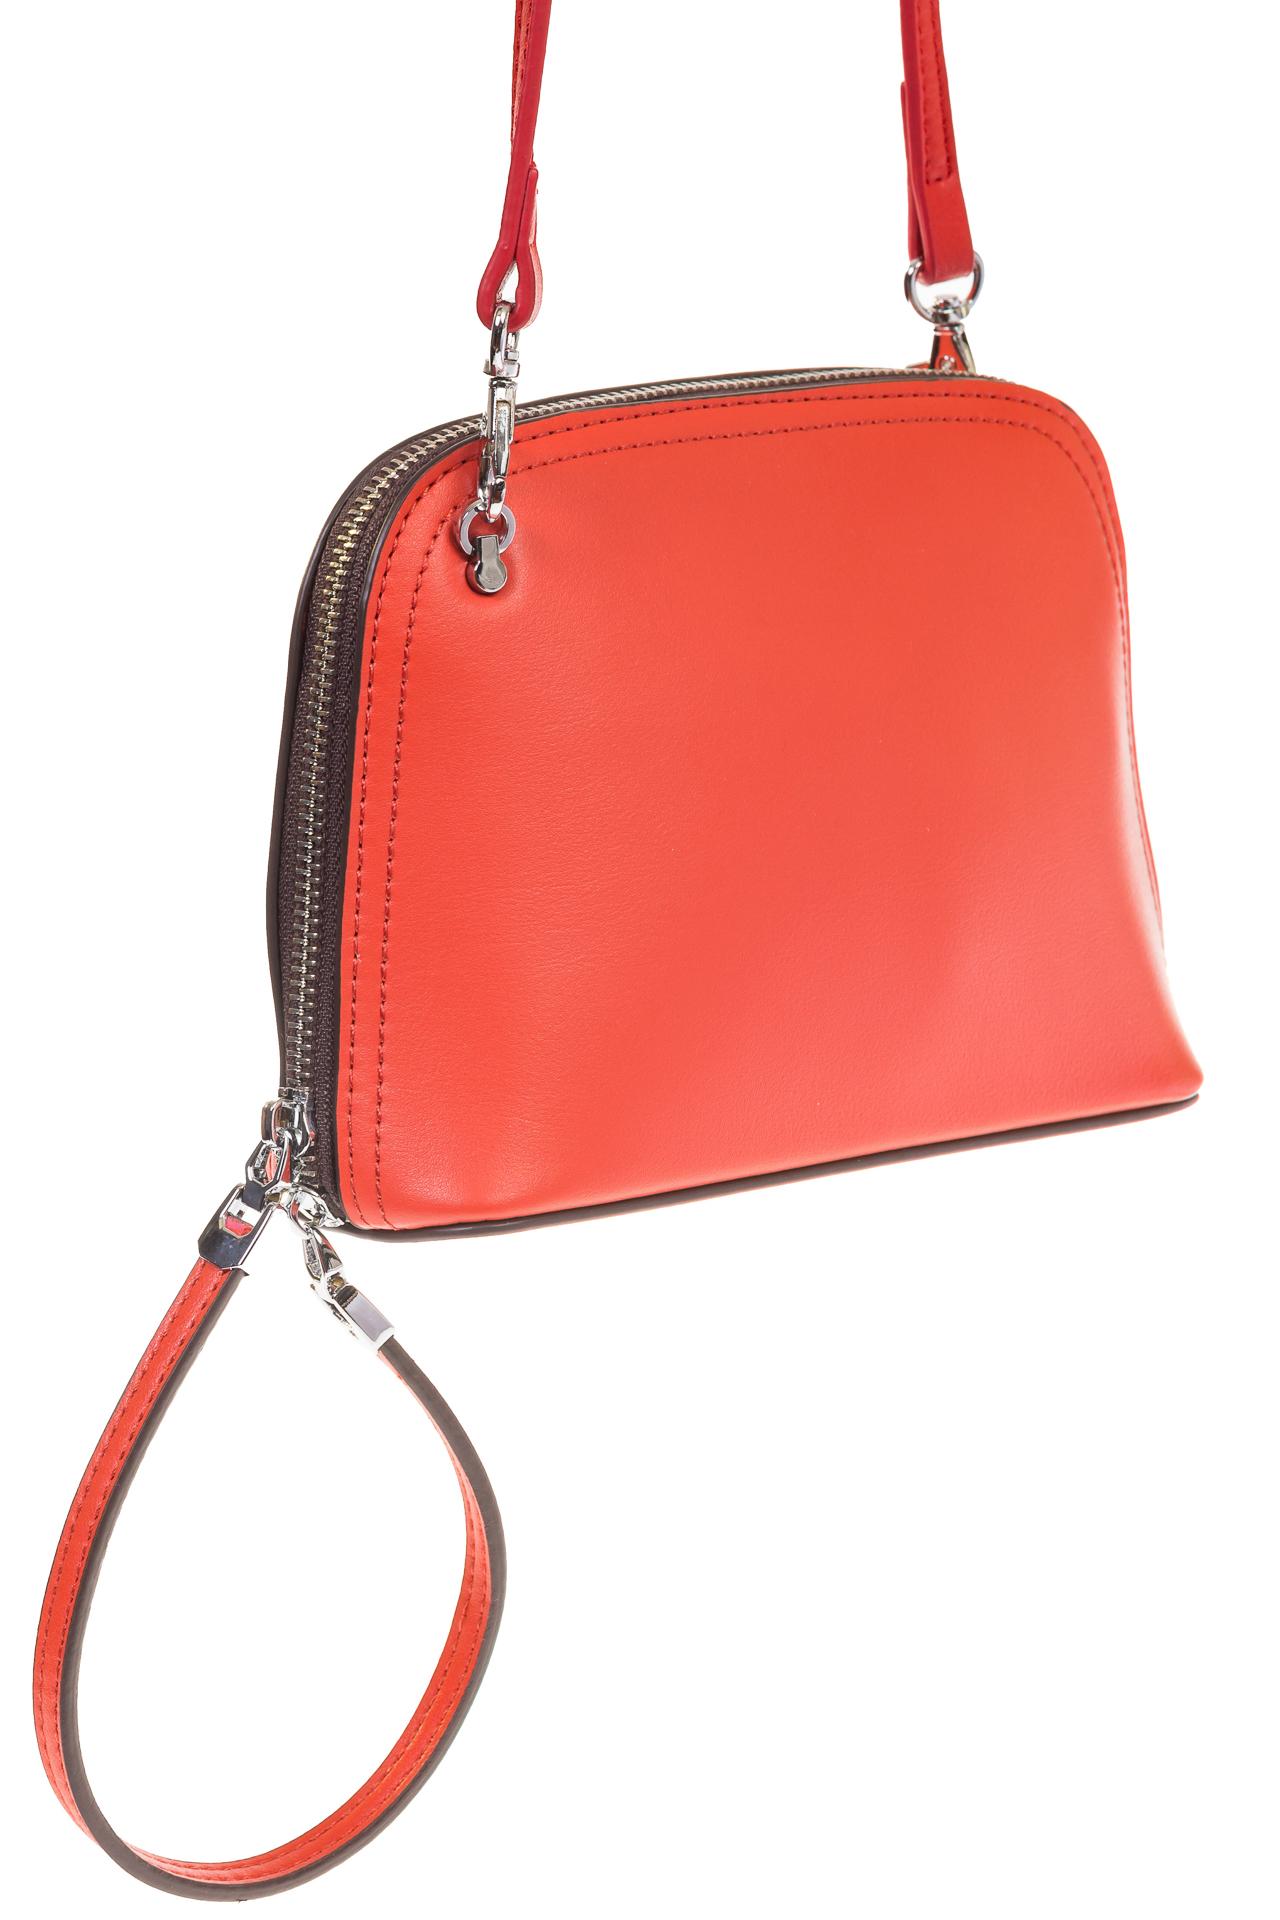 На фото Wristlet bag для женщин, цвет – красный, материал – натуральная кожа, купить оптом в магазине Грета